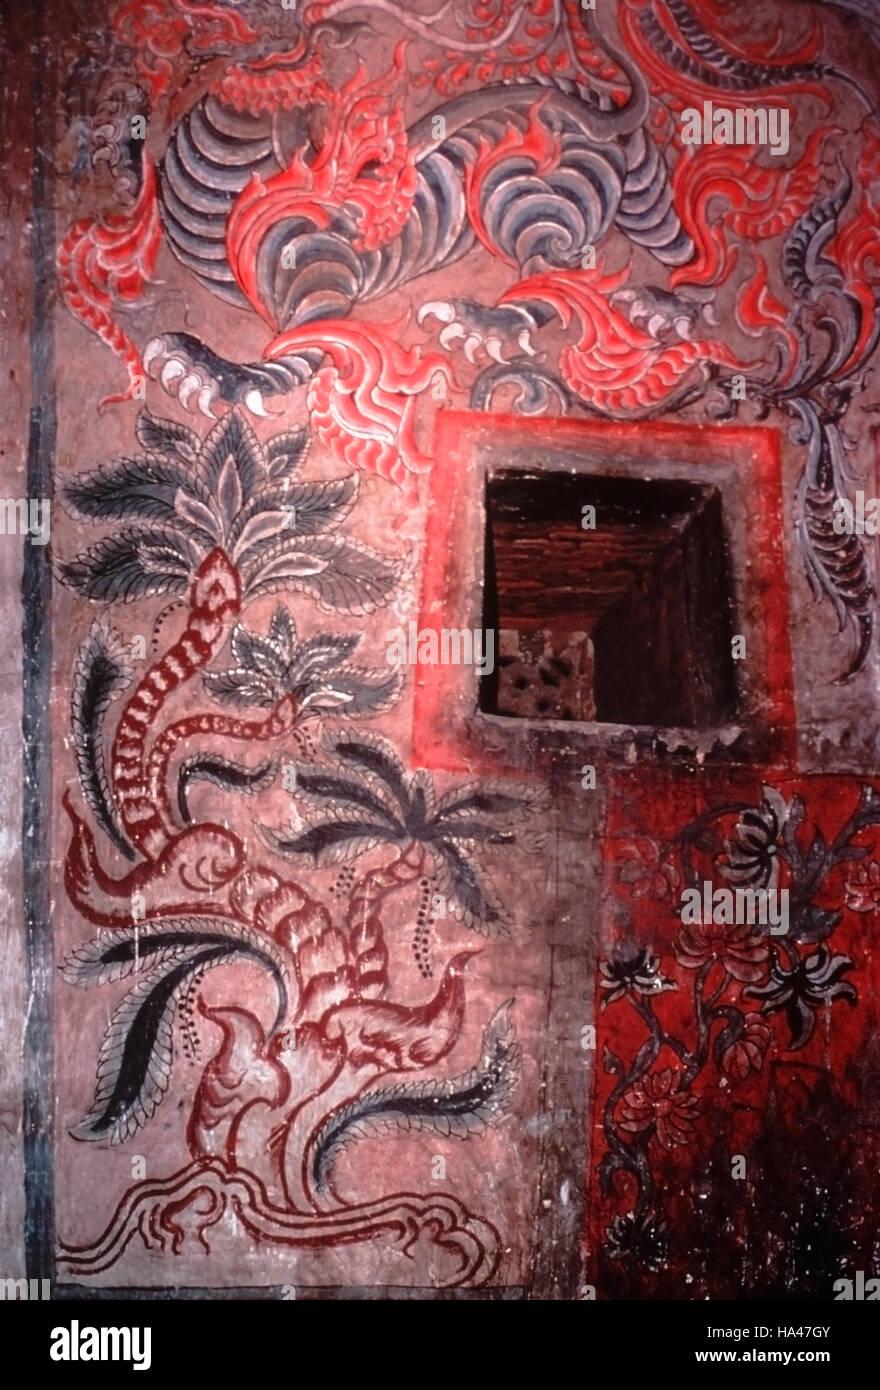 Arbre Et Bête La Peinture Sur Le Plafond Et Mur Du Couloir